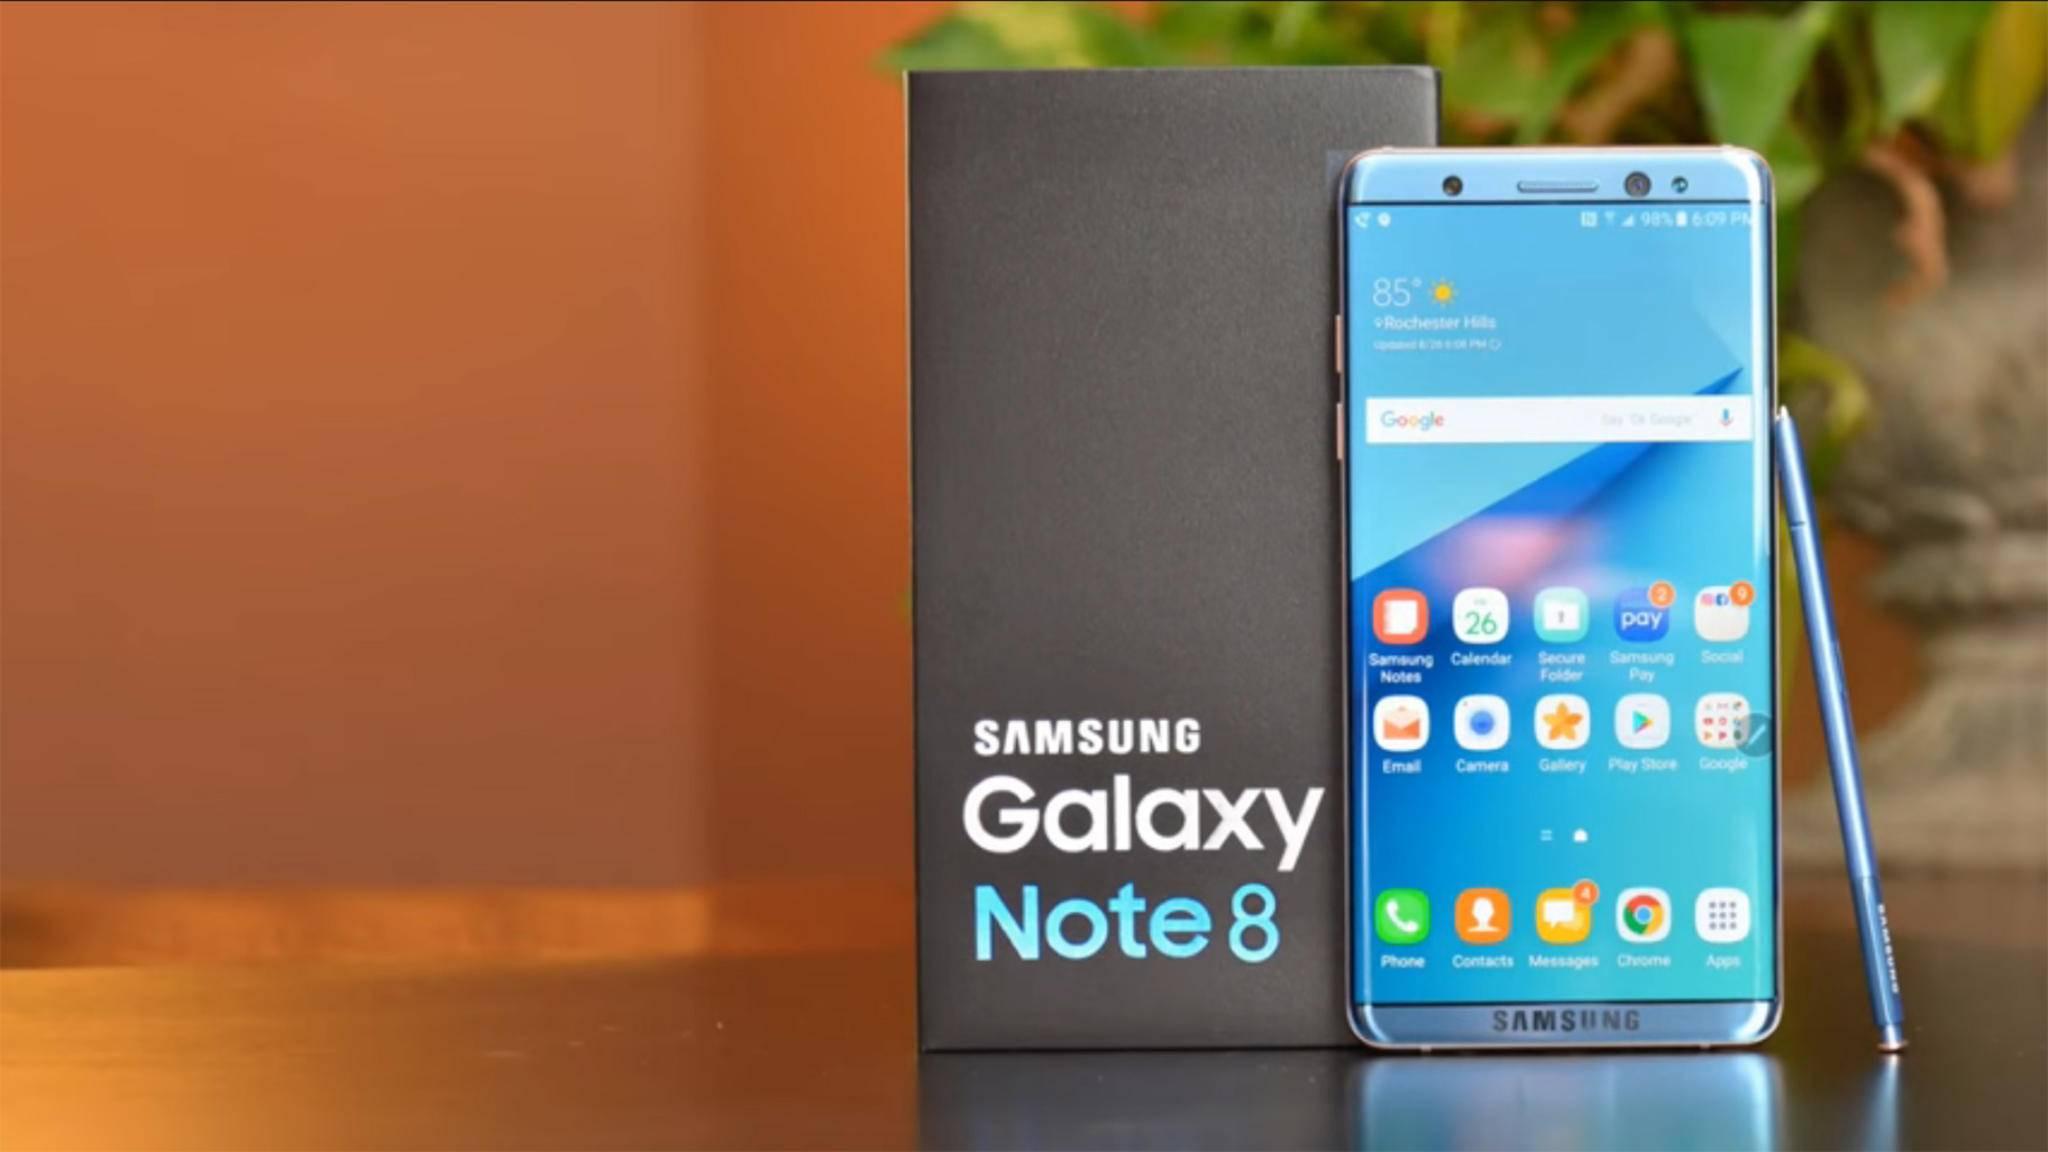 Das Galaxy Note 8 soll in diesem Jahr schon vor dem Start der IFA enthüllt werden.